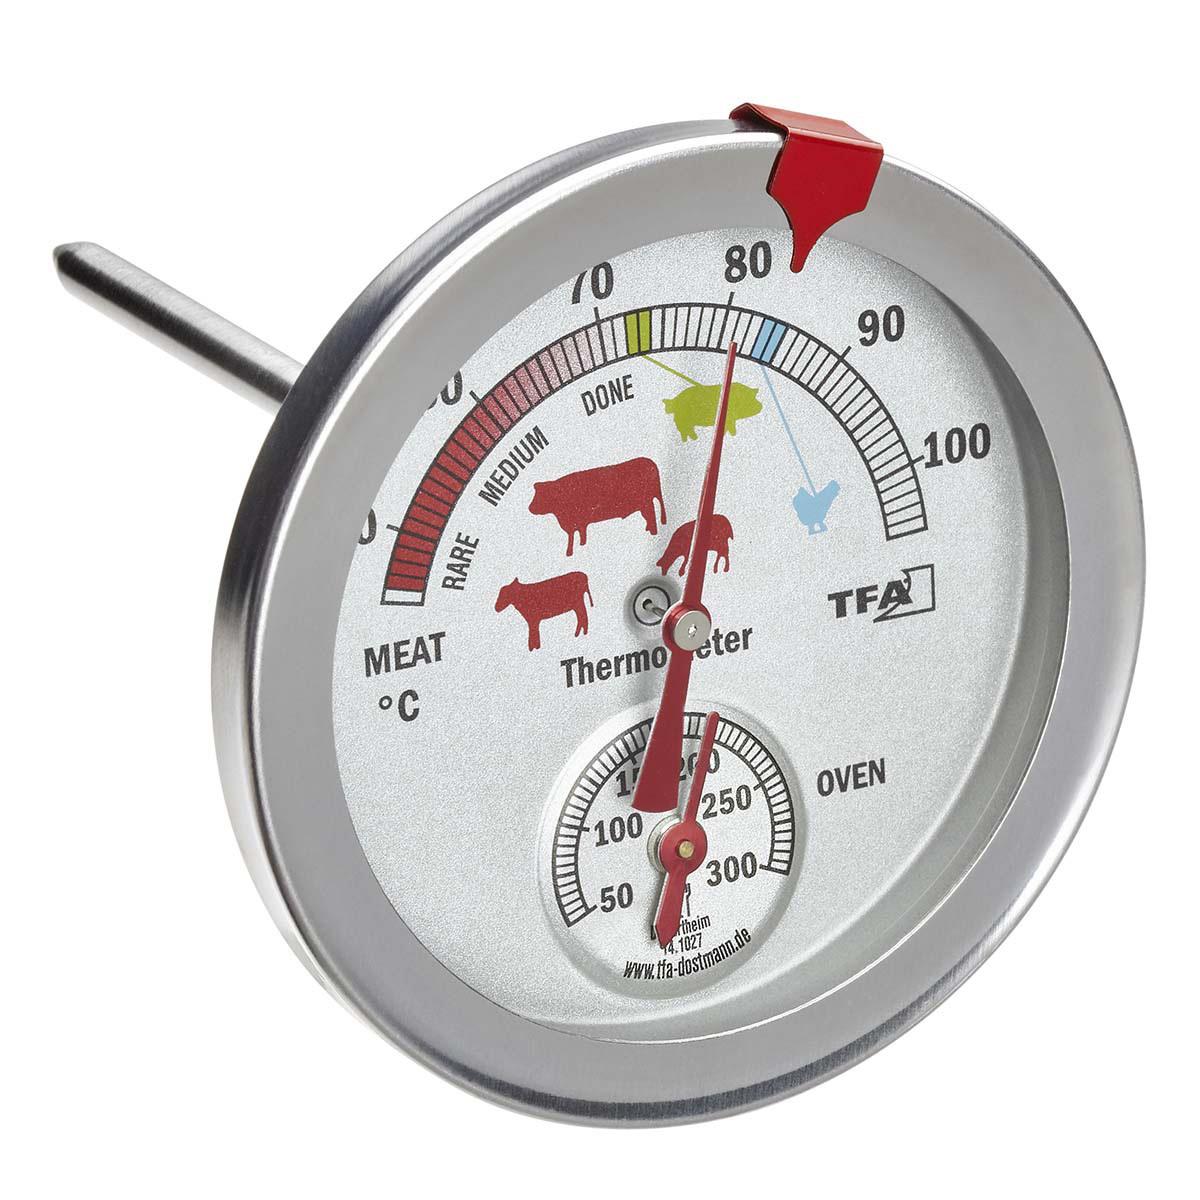 aus Edelstahl Analoges Fettthermometer praktischer Küchenhelfer